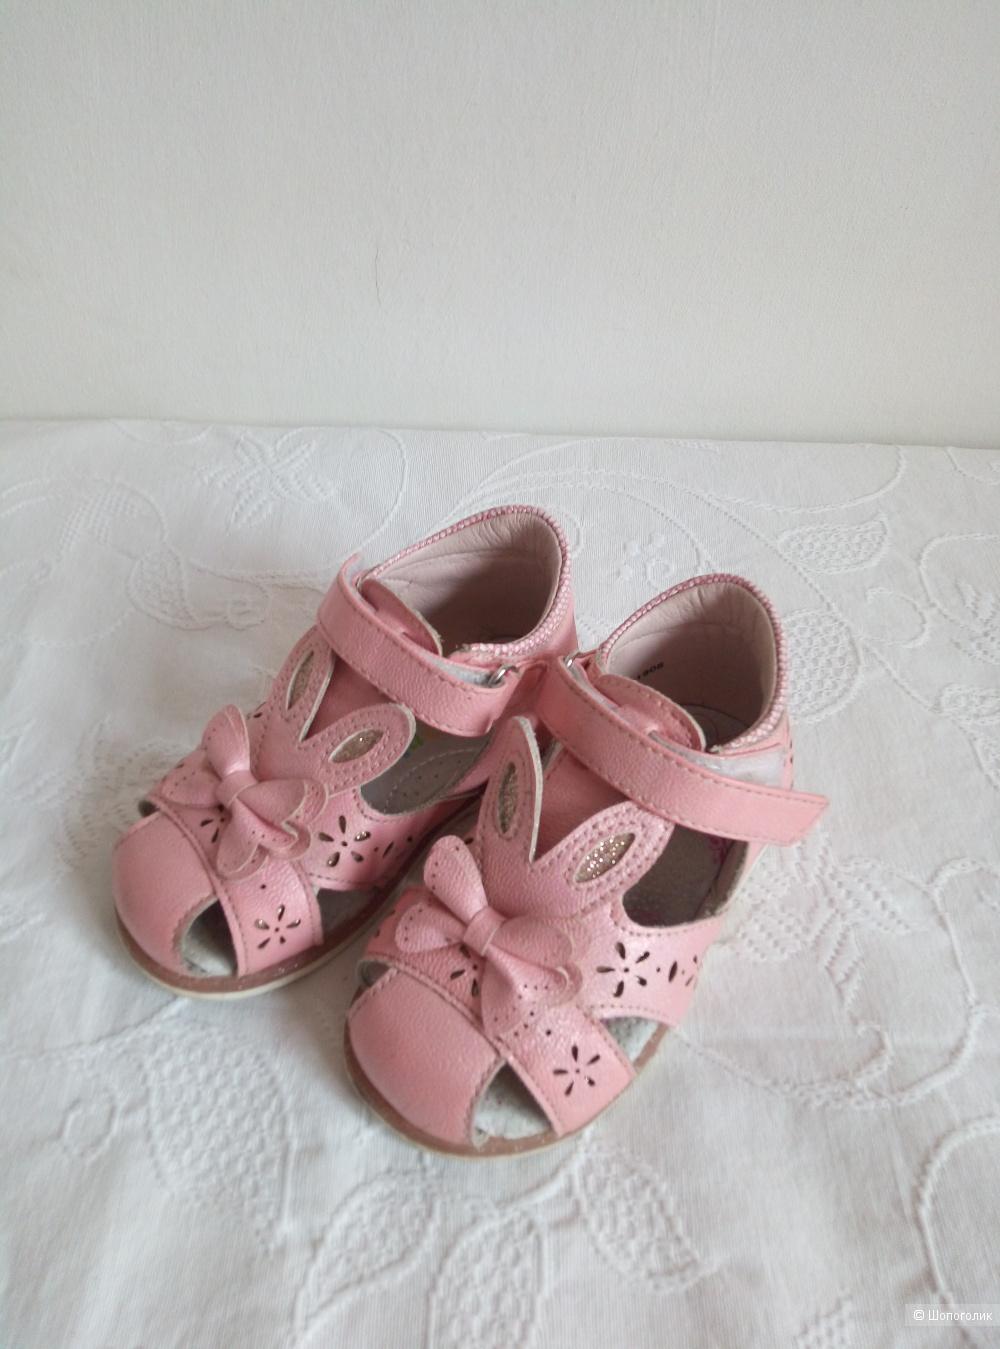 Открытые туфли на девочку, 23 размер, Хутор